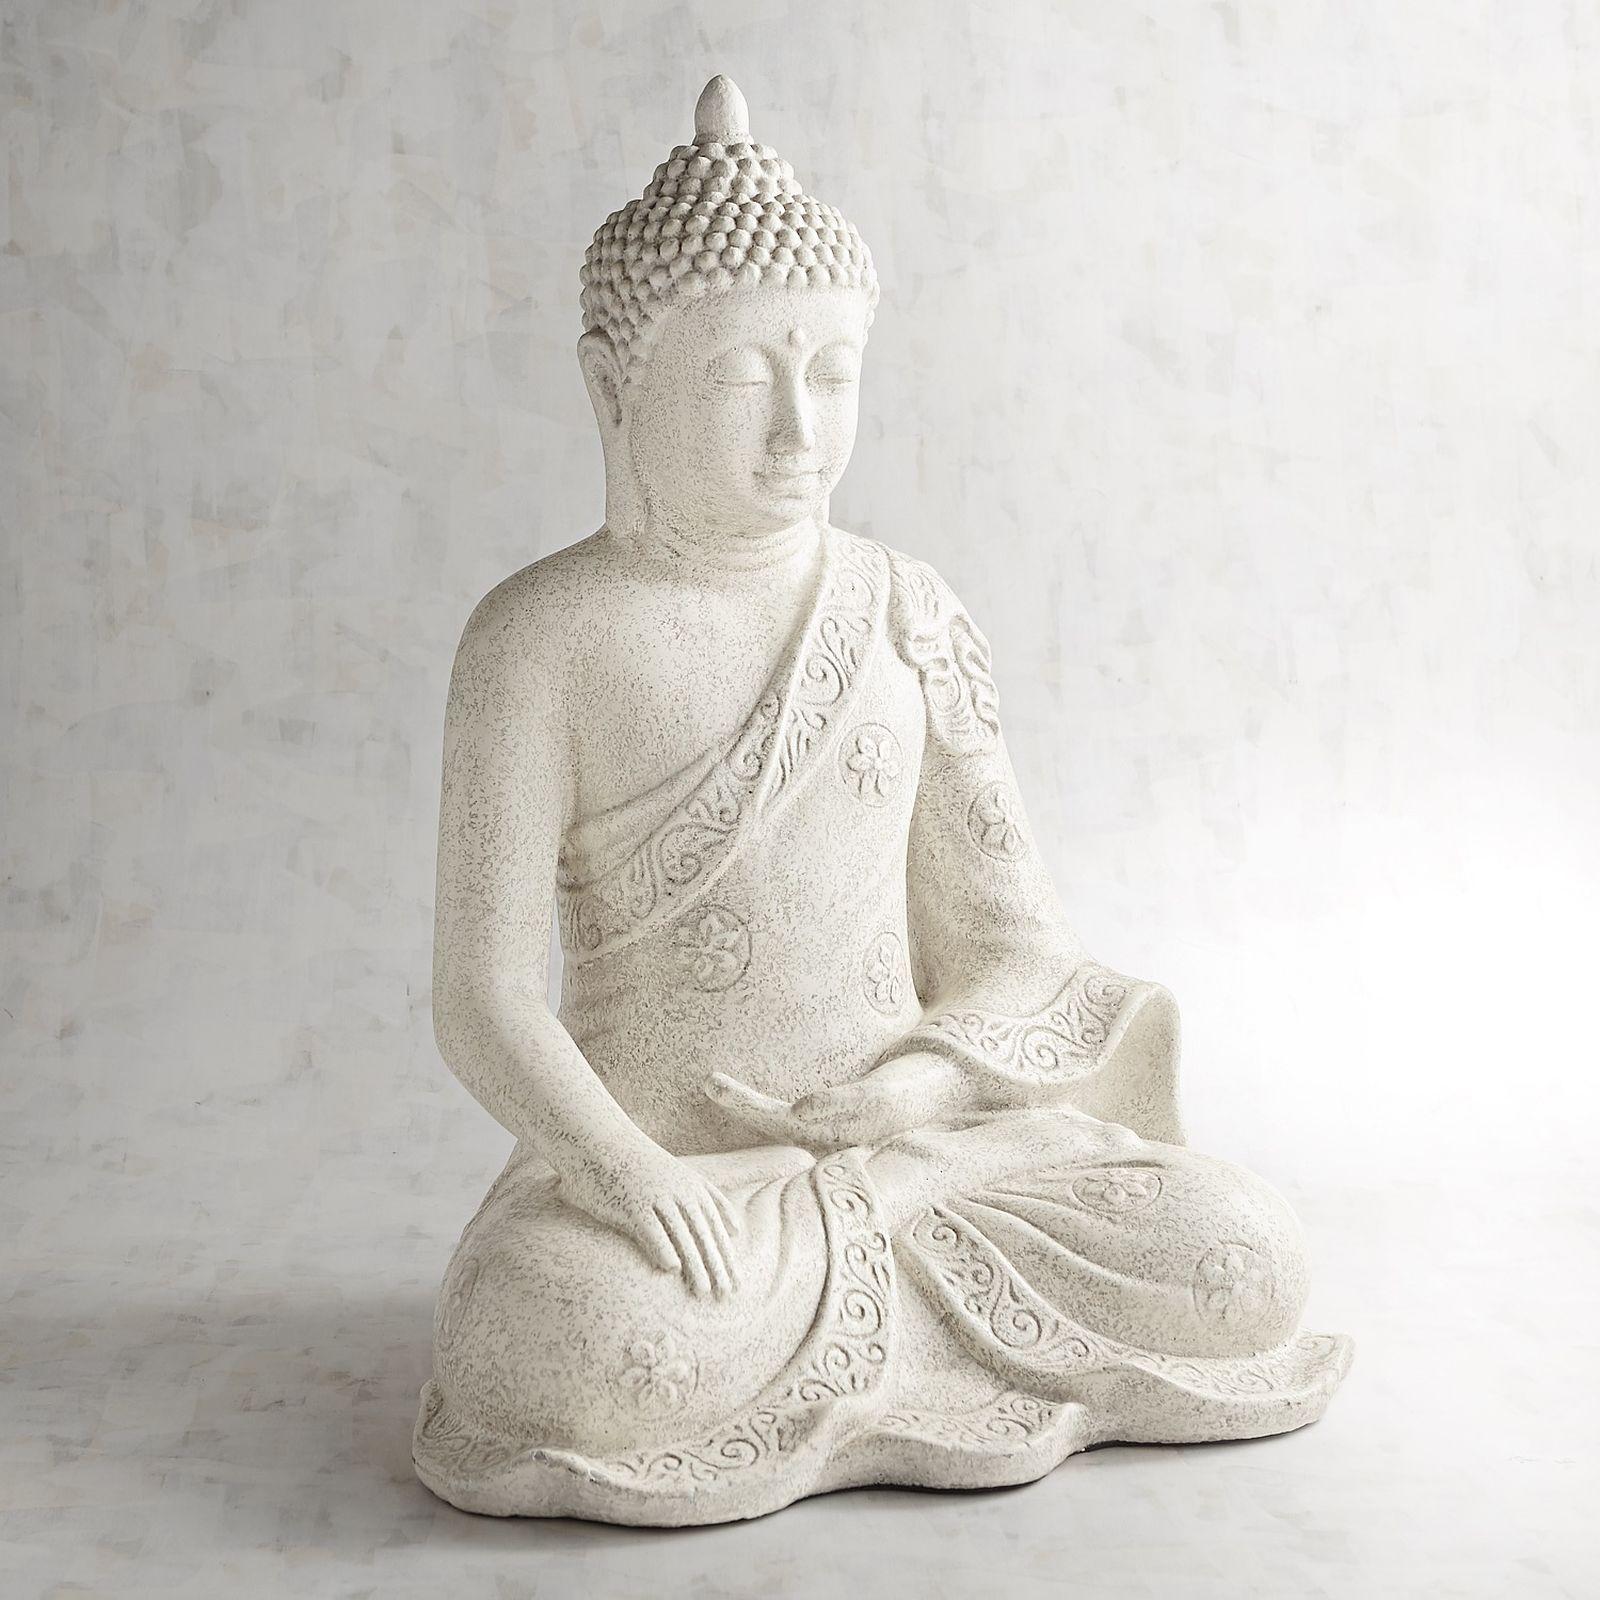 Antiqued White Sitting Buddha Sitting Buddha Antique Decor Buddha